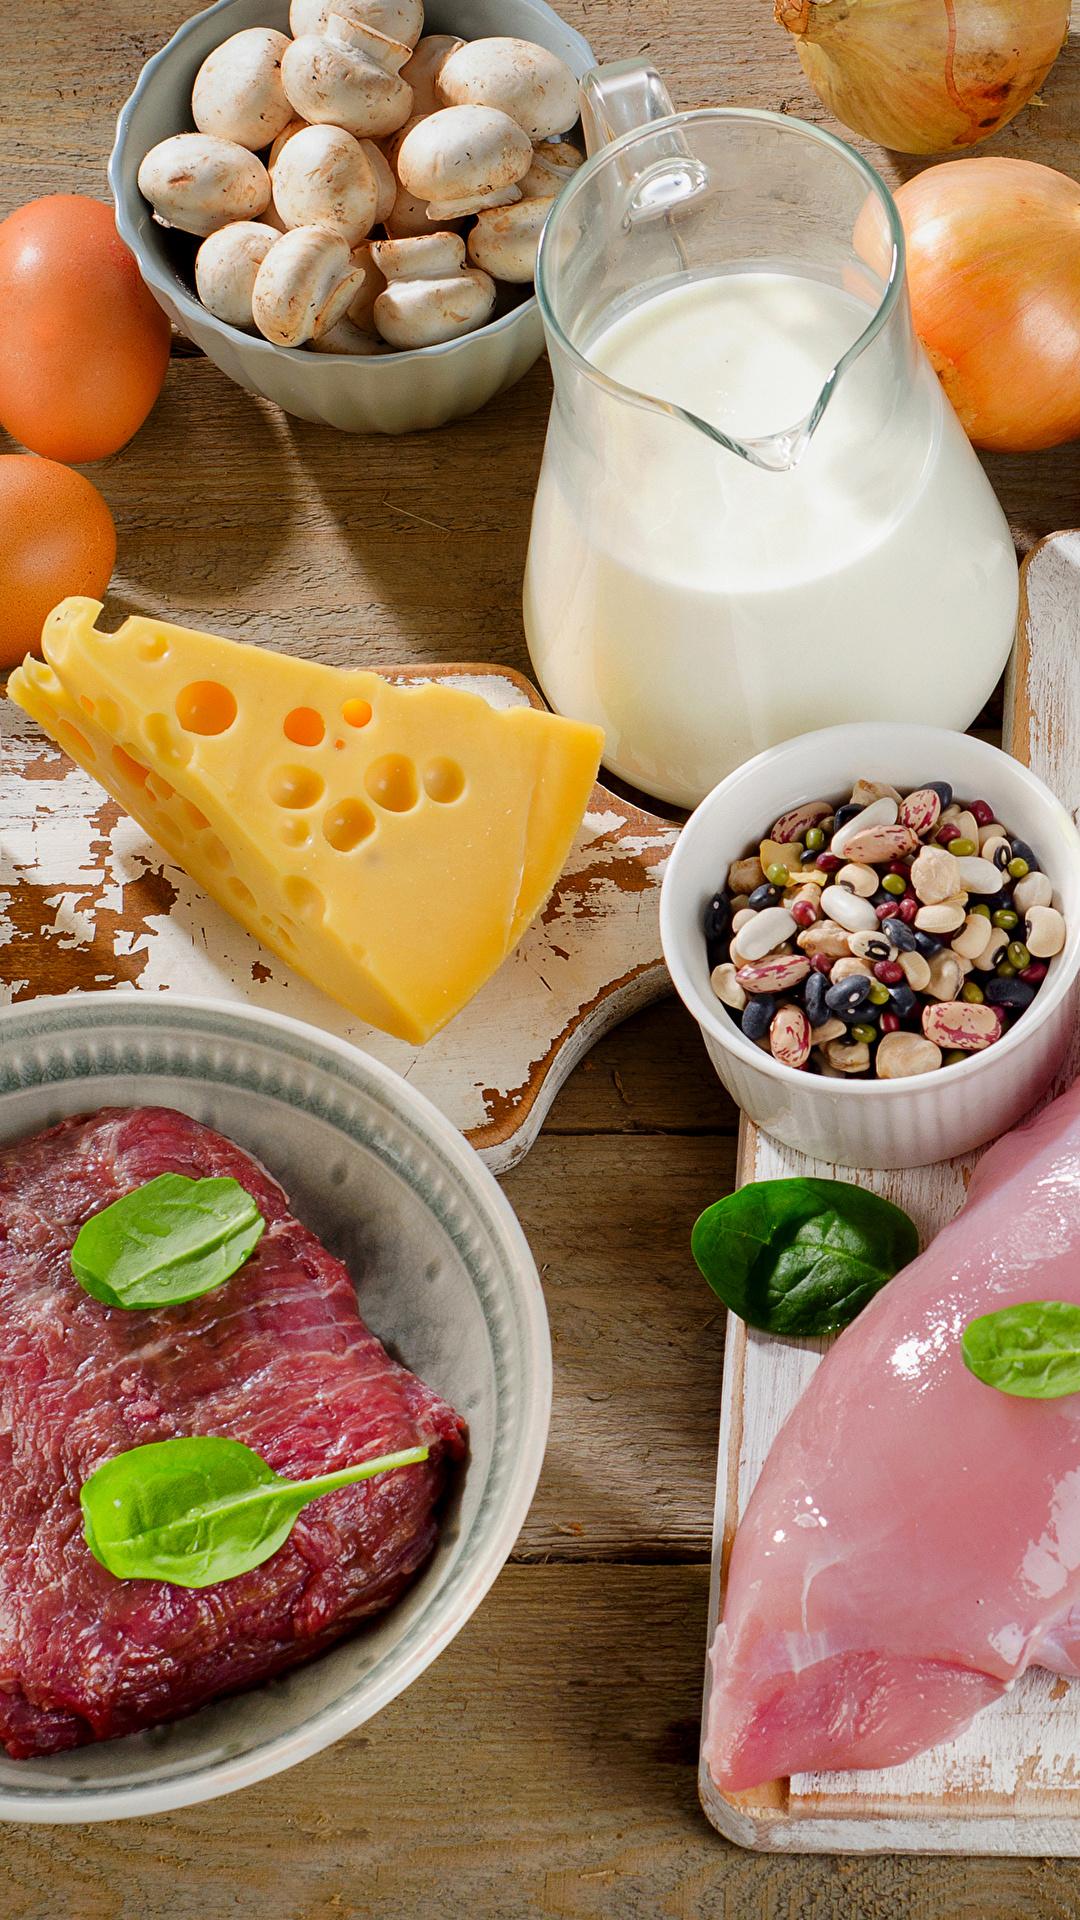 Диета Сыр Яйцо. Сырная диета для похудения. Минус 7 кг за 10 дней